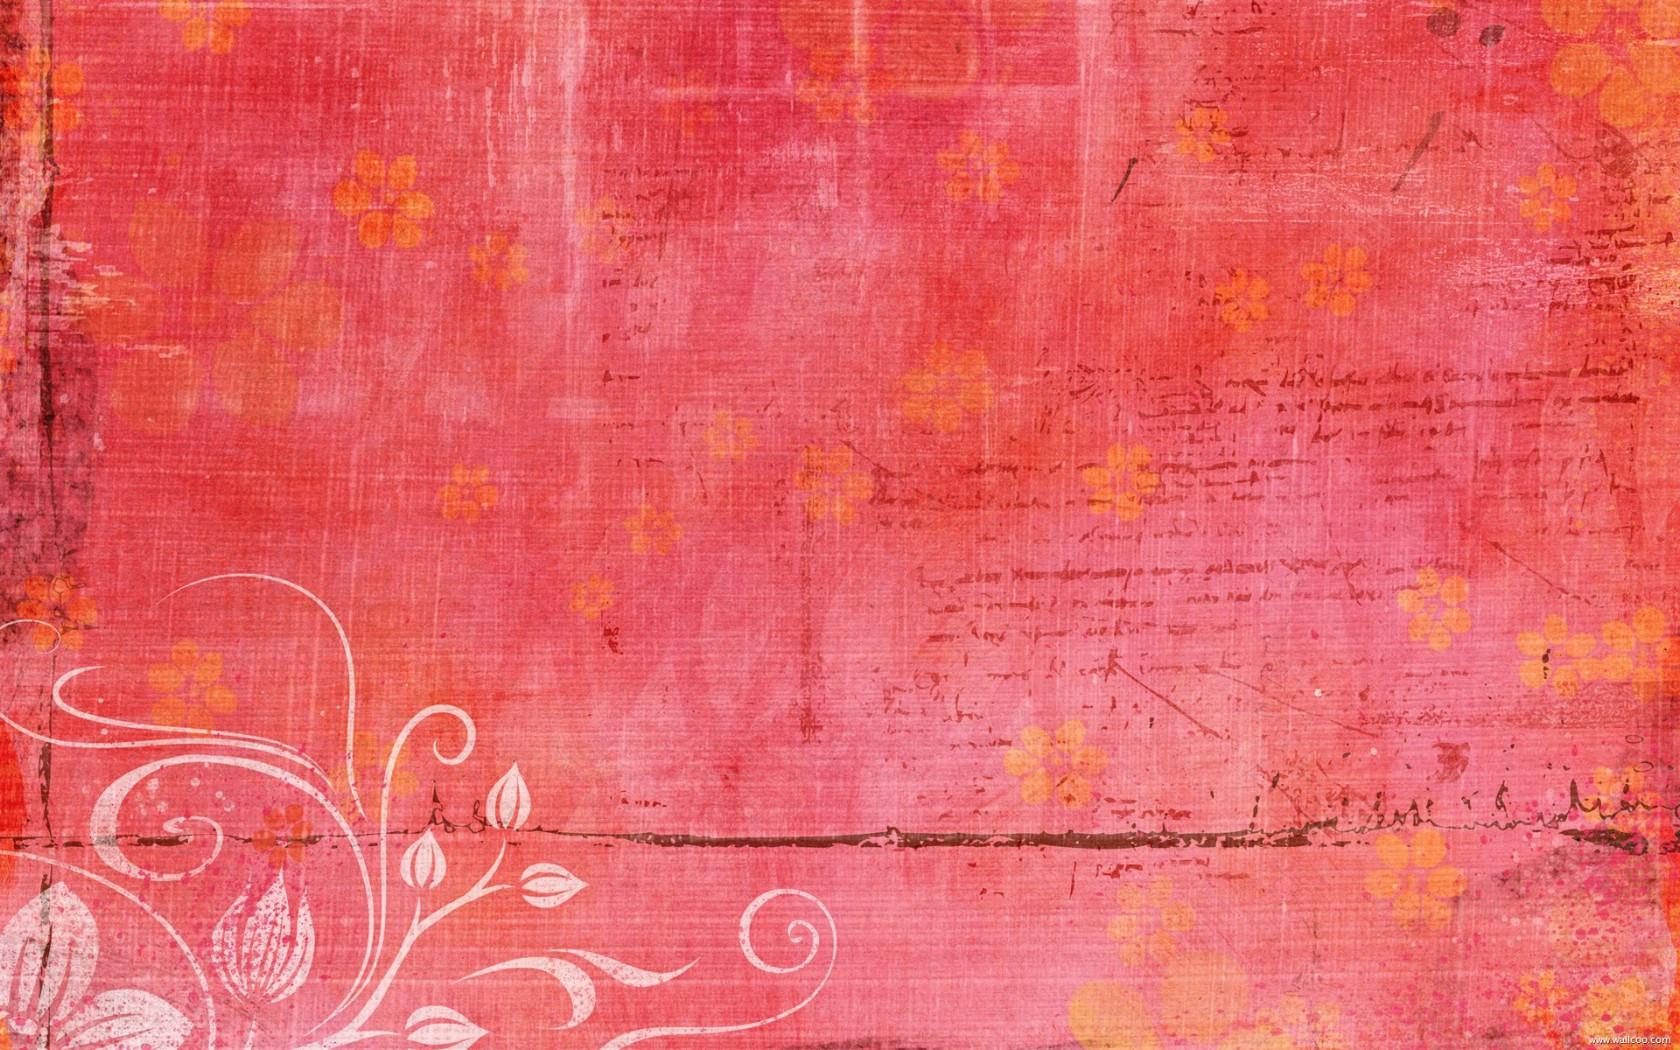 花纹底纹电脑背景宽屏壁纸图片系统壁纸系统图片素材